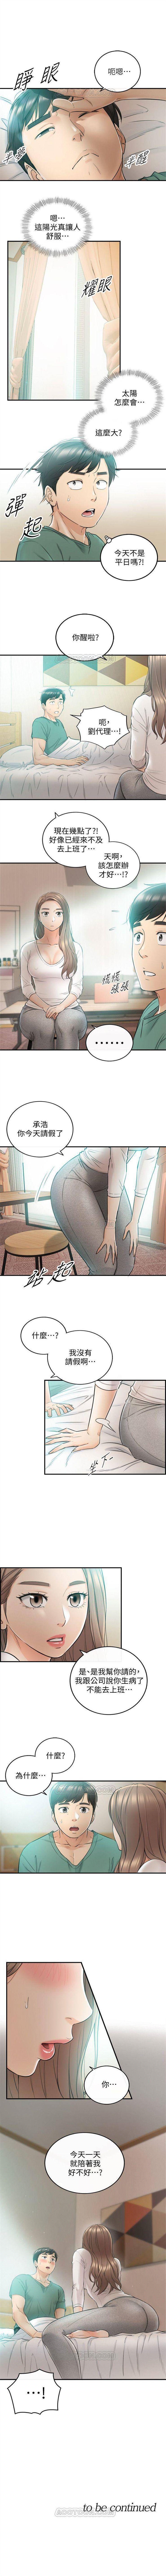 (週5)正妹小主管 1-39 中文翻譯(更新中) 171